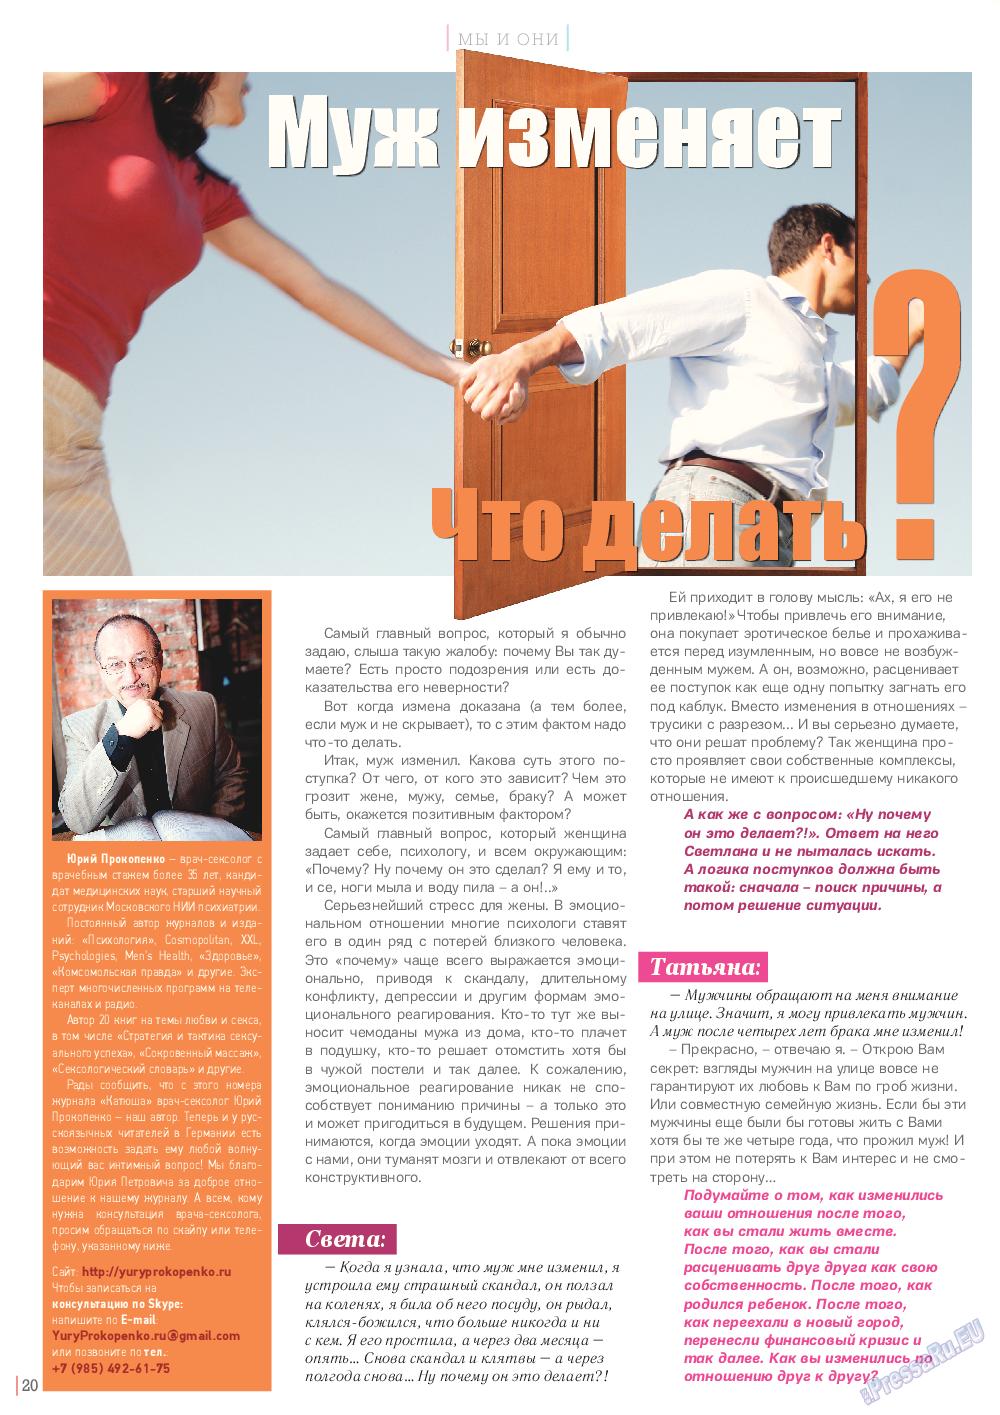 menyayutsya-otnosheniya-posle-seksa